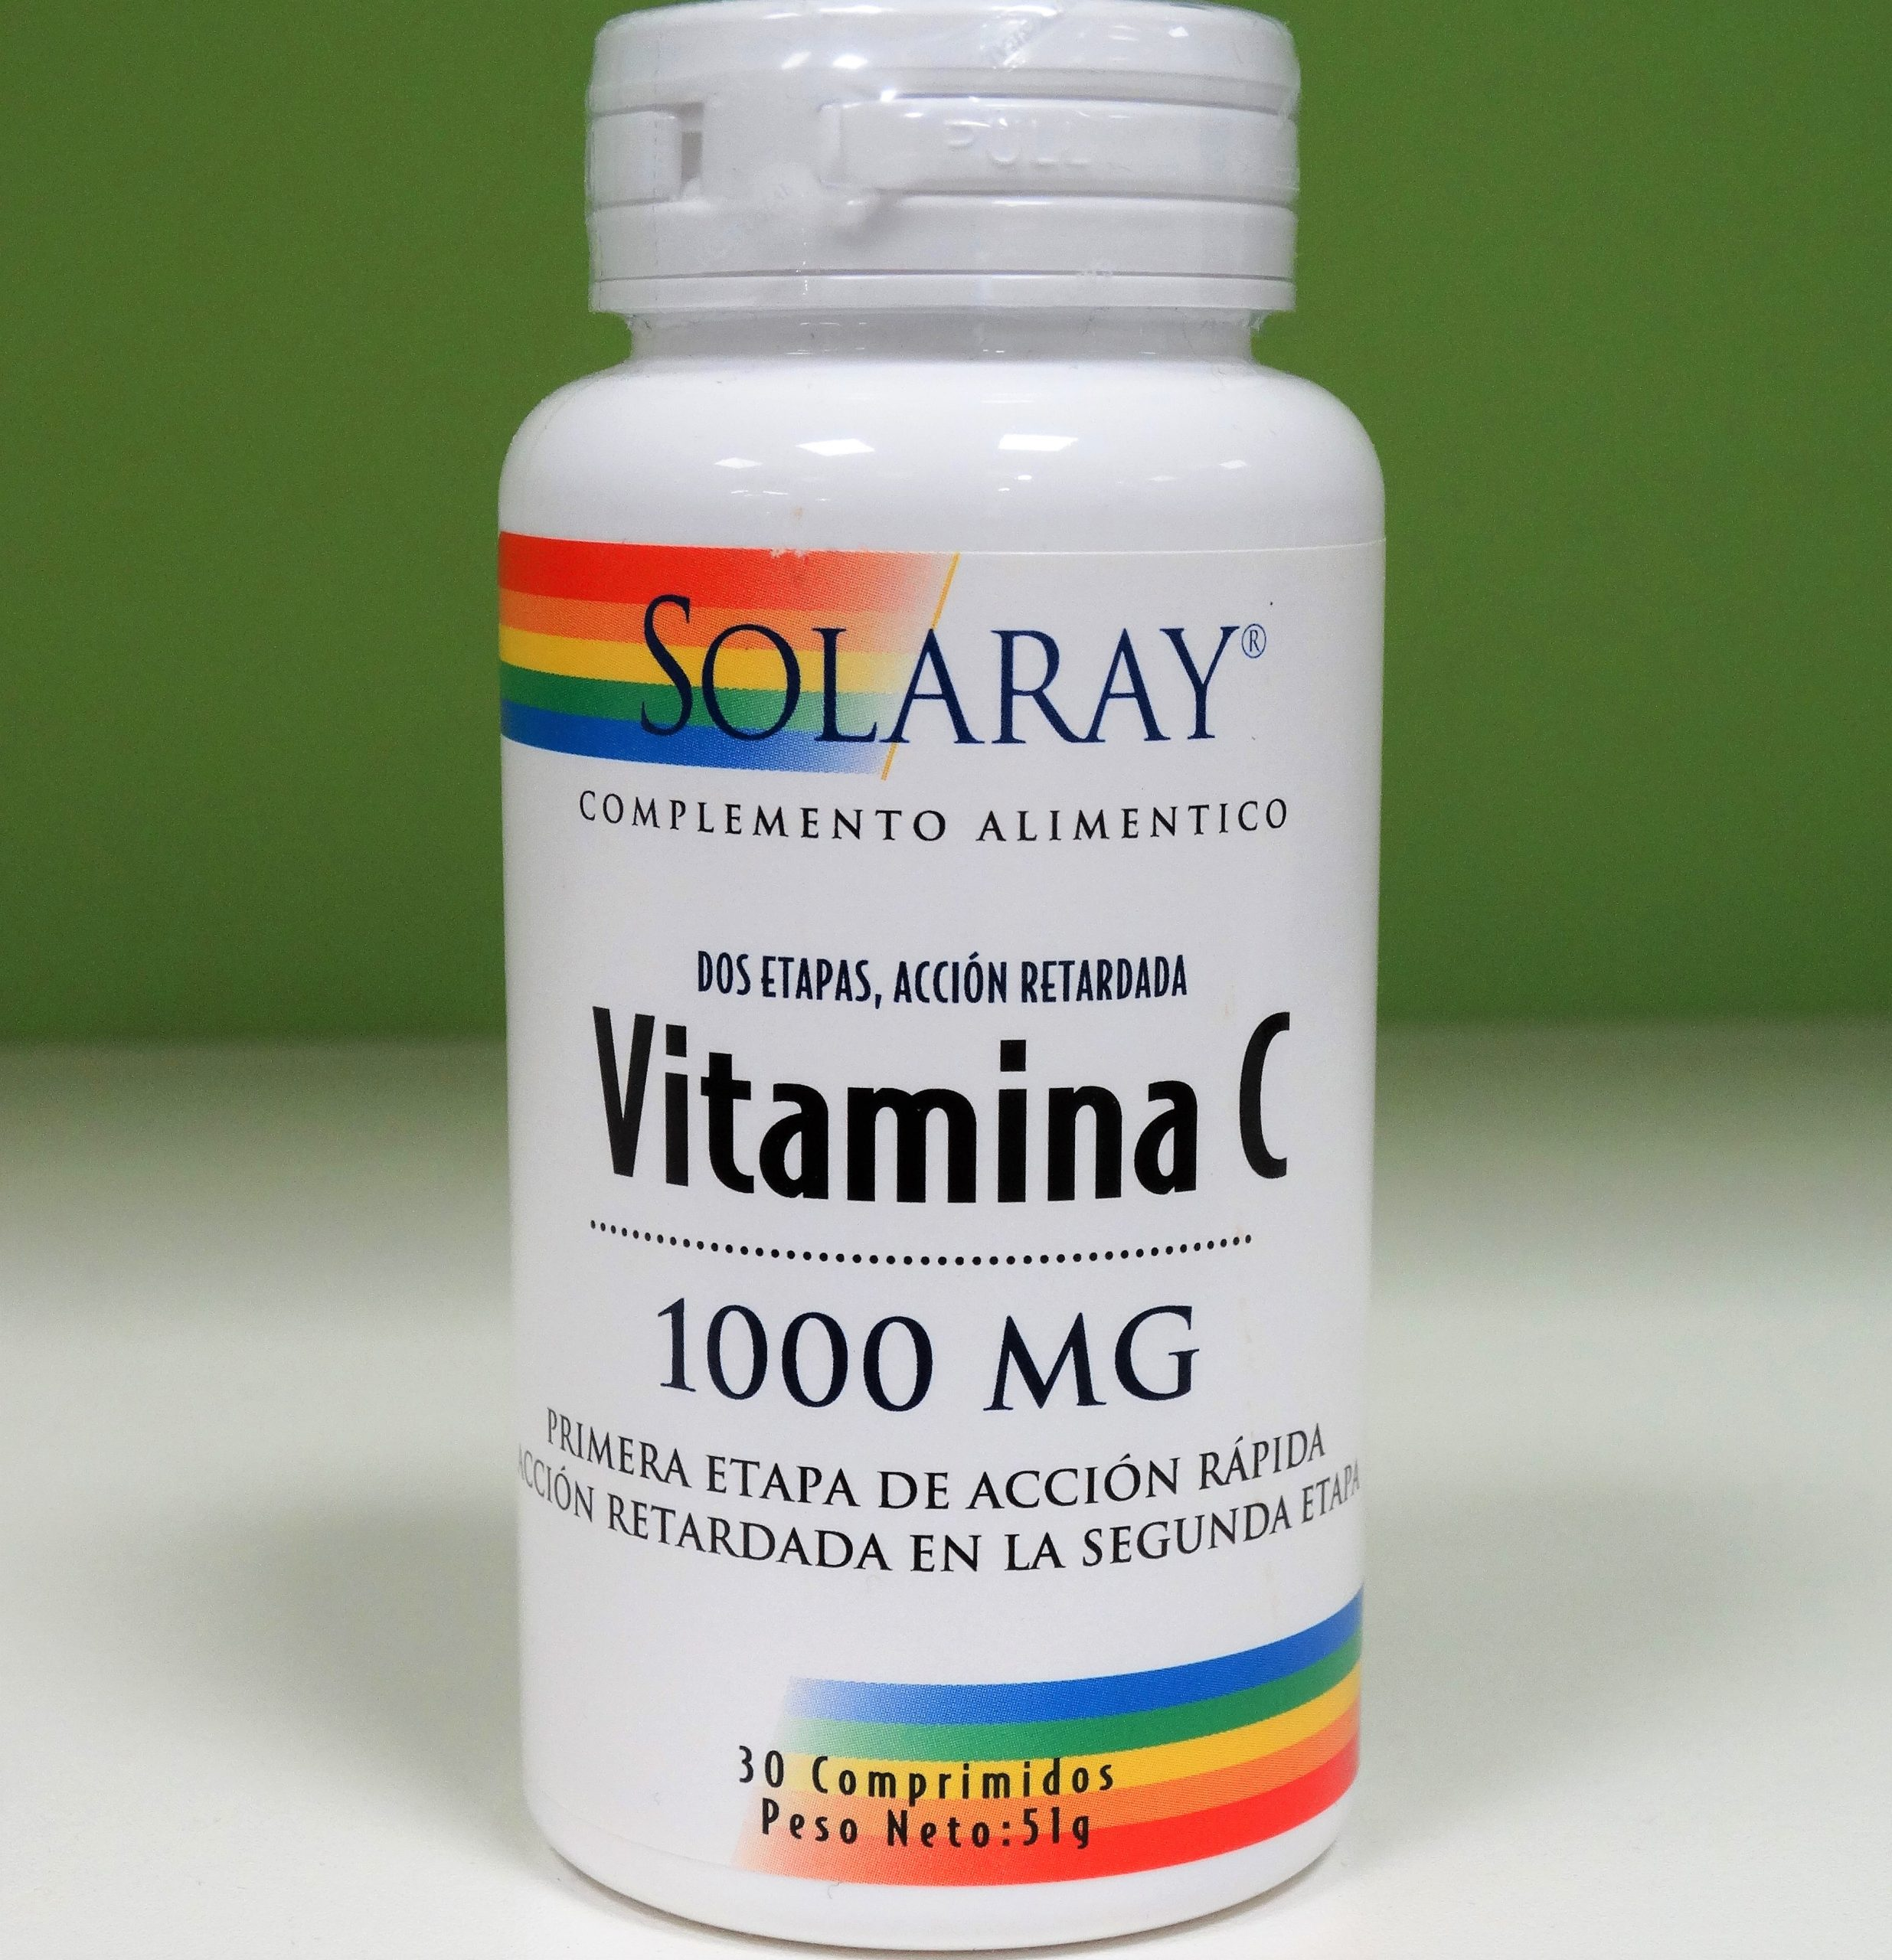 Comprar Solaray Vitamica C La Vitamina C es necesaria para el buen estado del sistema inmune, de los huesos, dientes y encías, así como para ayudar a regular la grasa y los niveles de colesterol en sangre